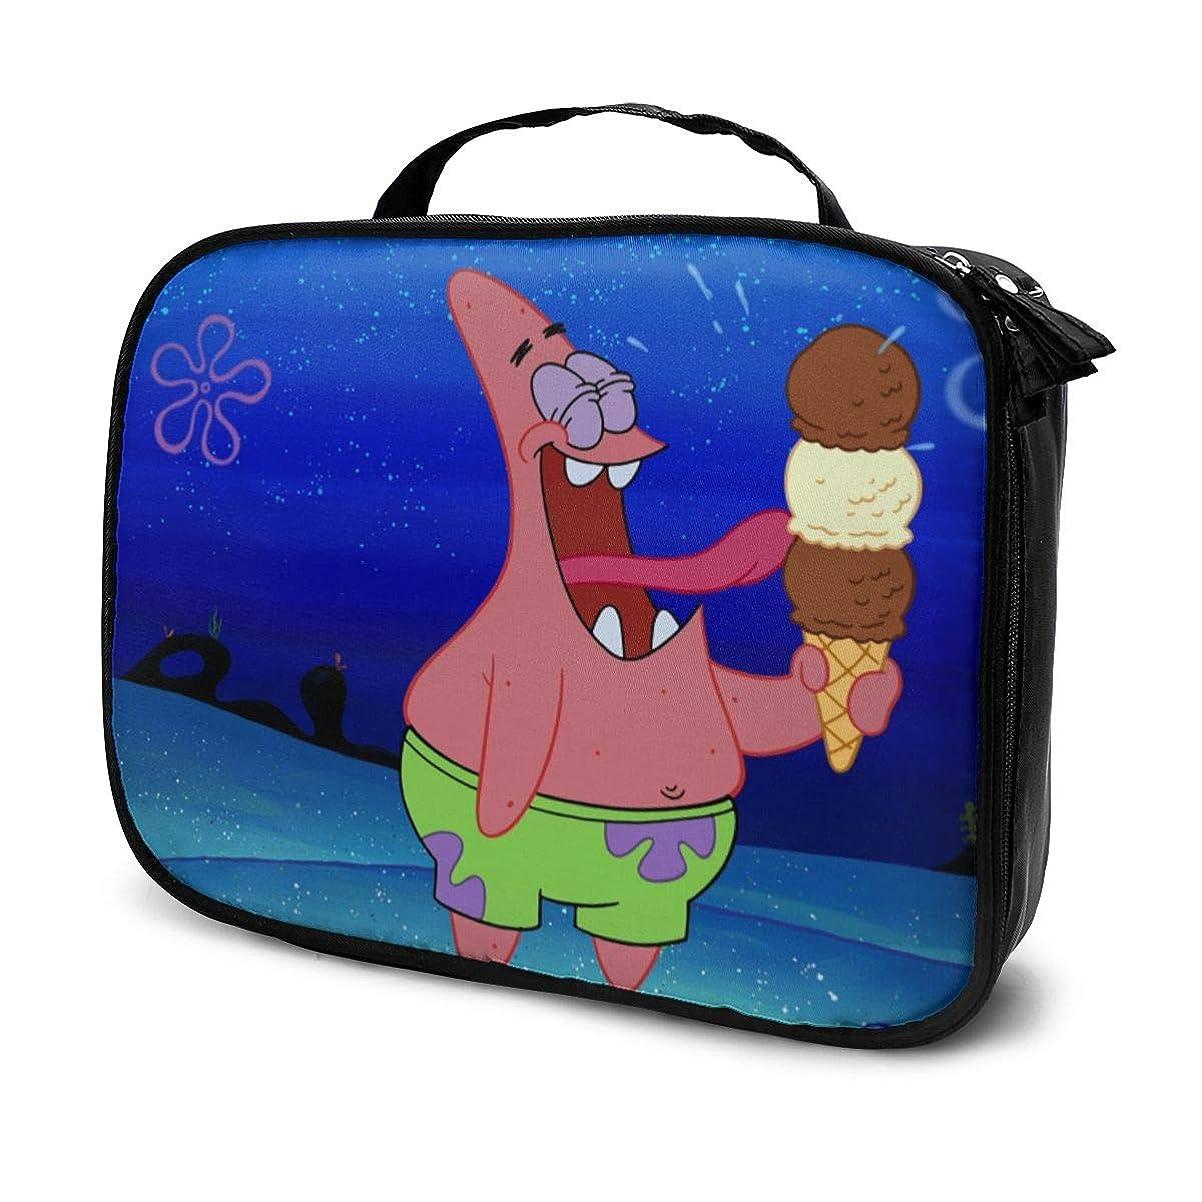 裏切り者砦完全にDaituパトリックスターがアイスクリームを食べる 化粧品袋の女性旅行バッグ収納大容量防水アクセサリー旅行